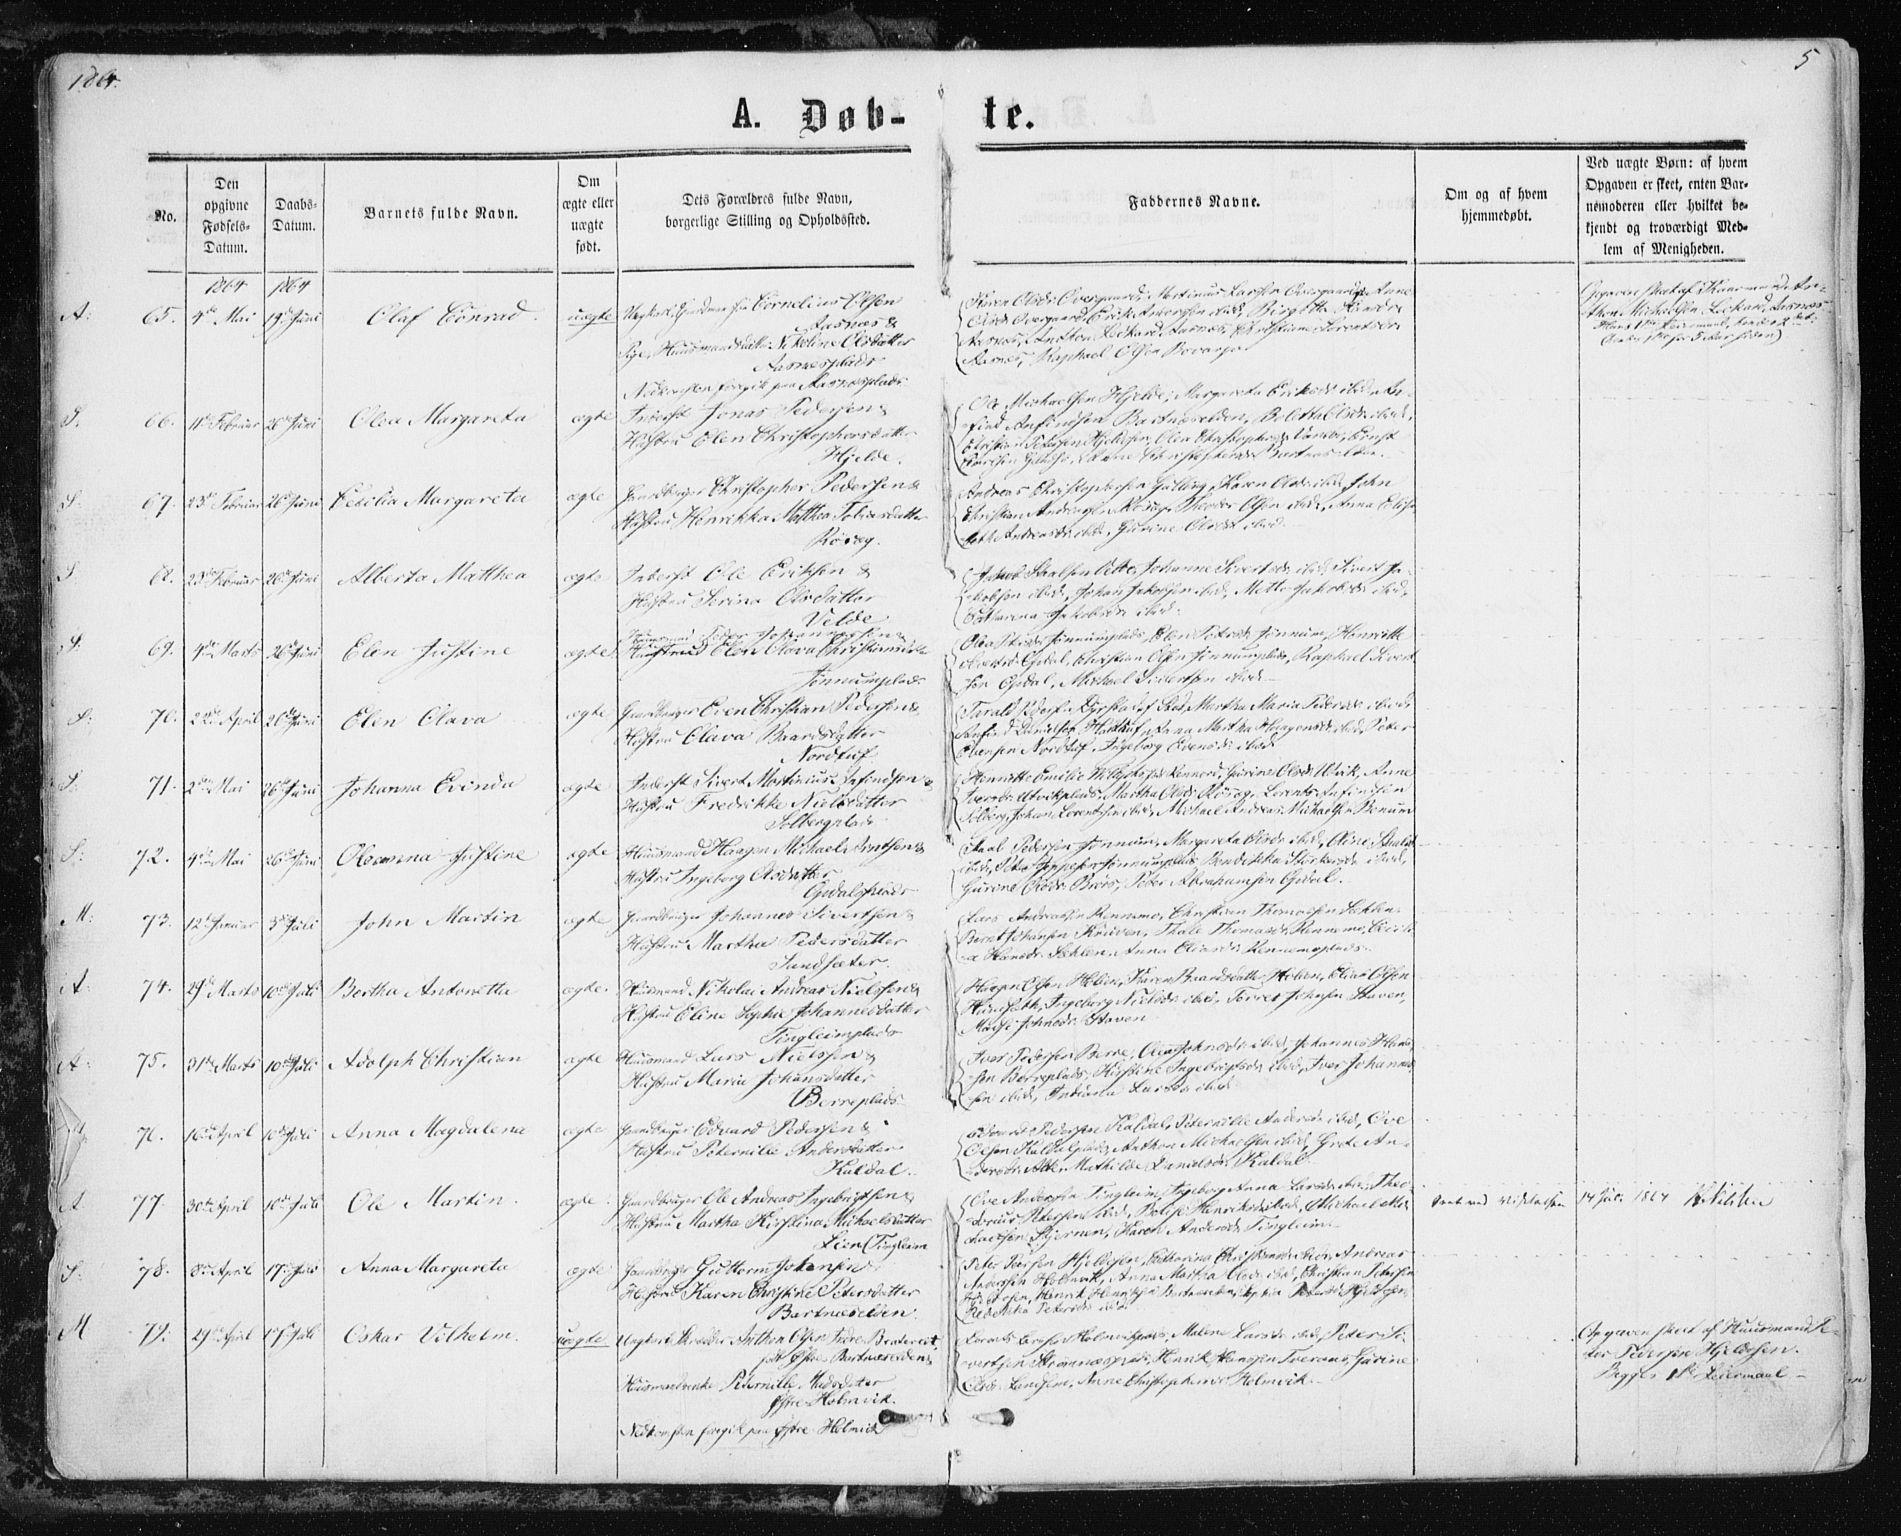 SAT, Ministerialprotokoller, klokkerbøker og fødselsregistre - Nord-Trøndelag, 741/L0394: Ministerialbok nr. 741A08, 1864-1877, s. 5